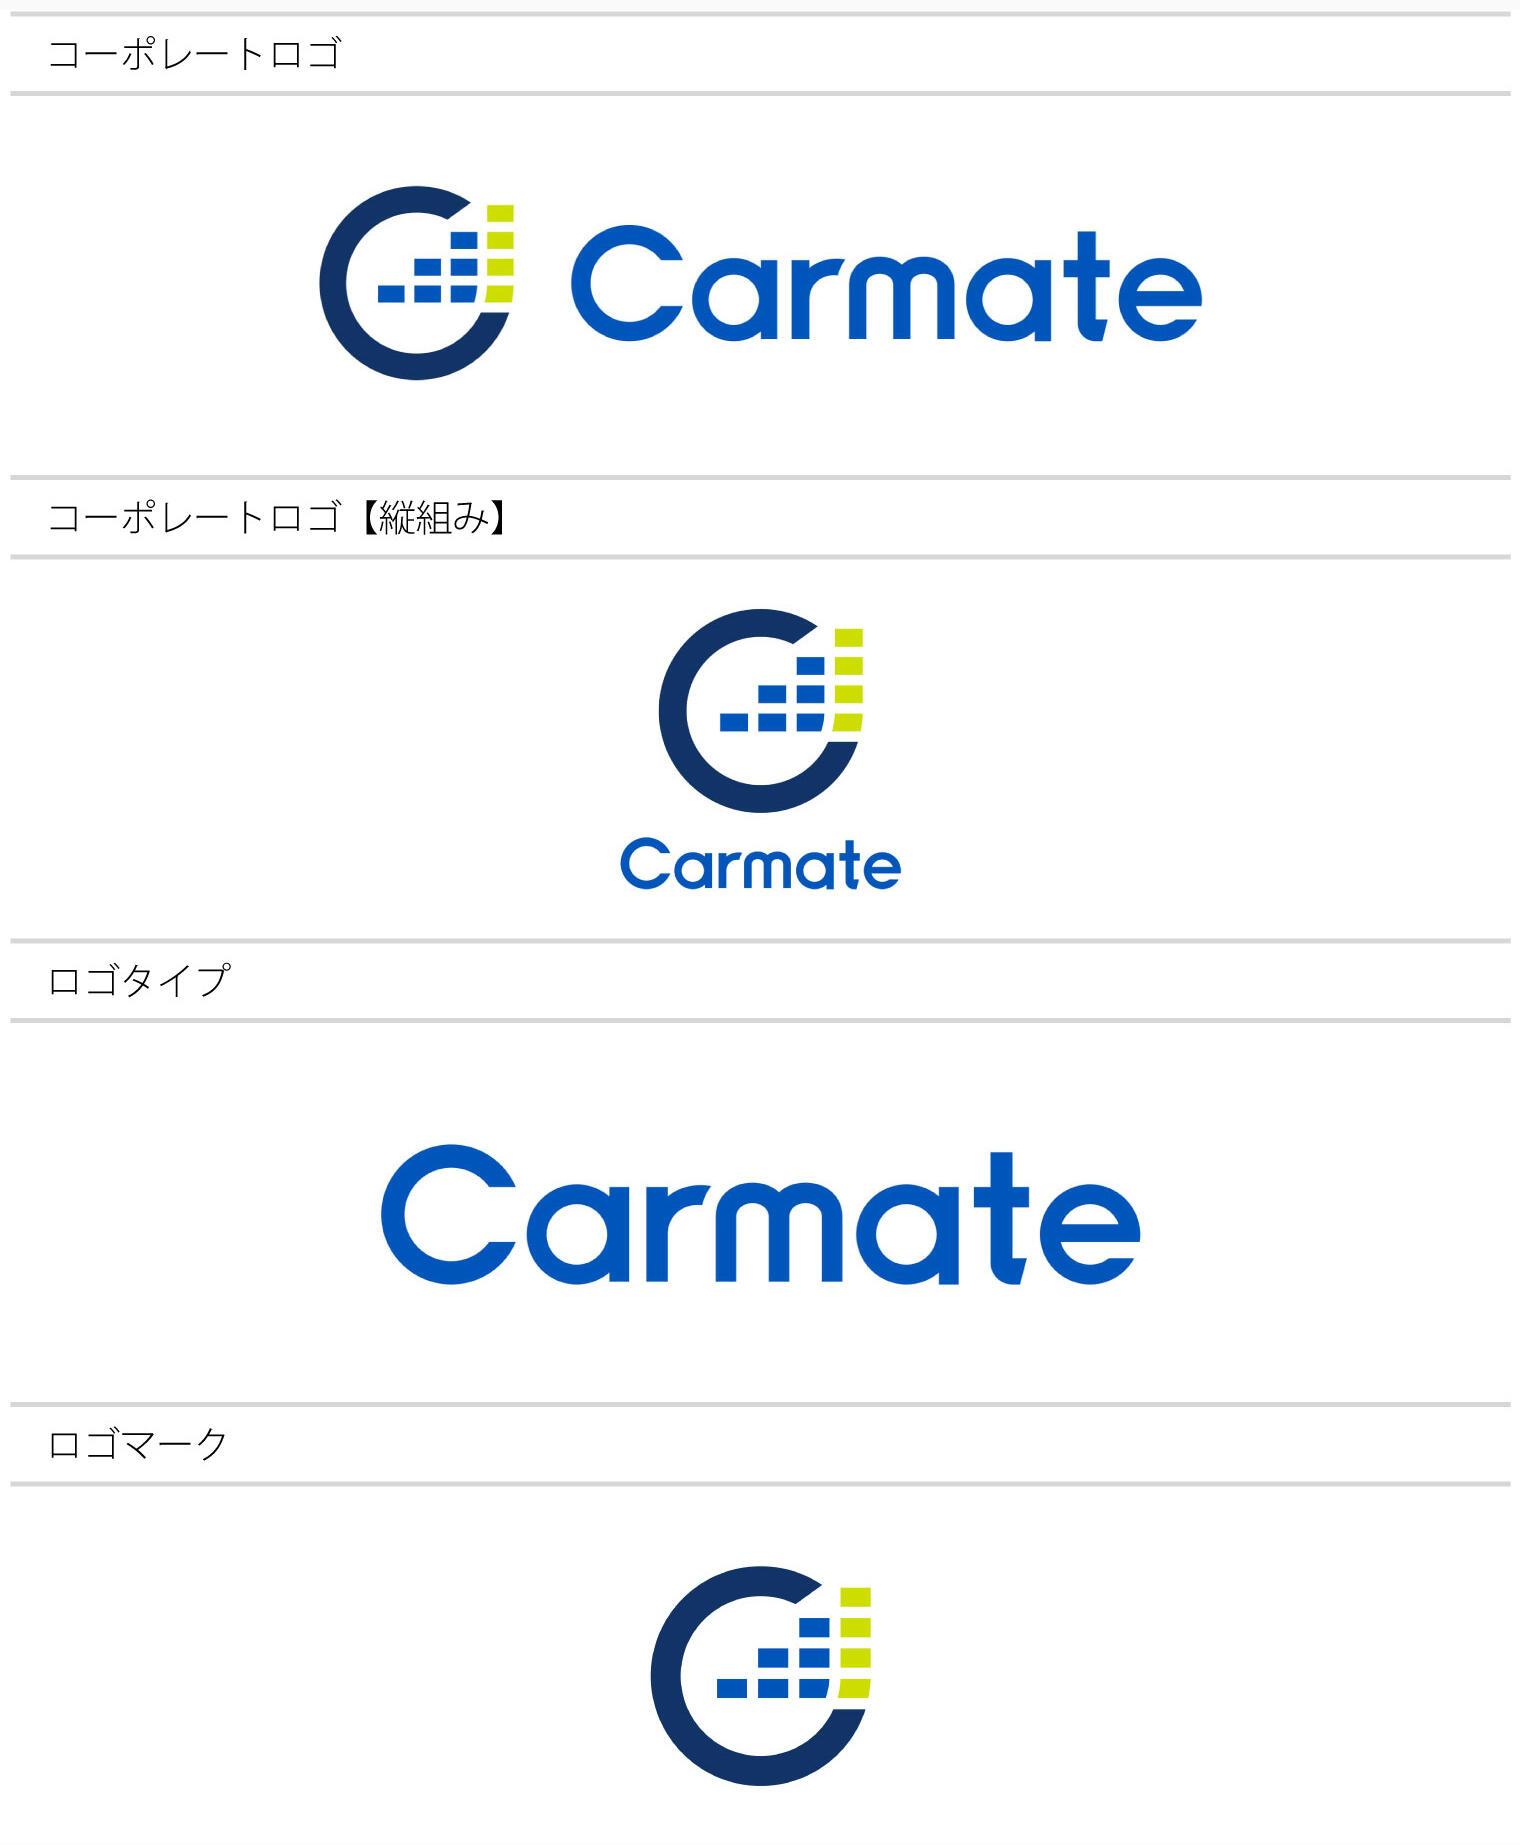 carmate20191.jpg